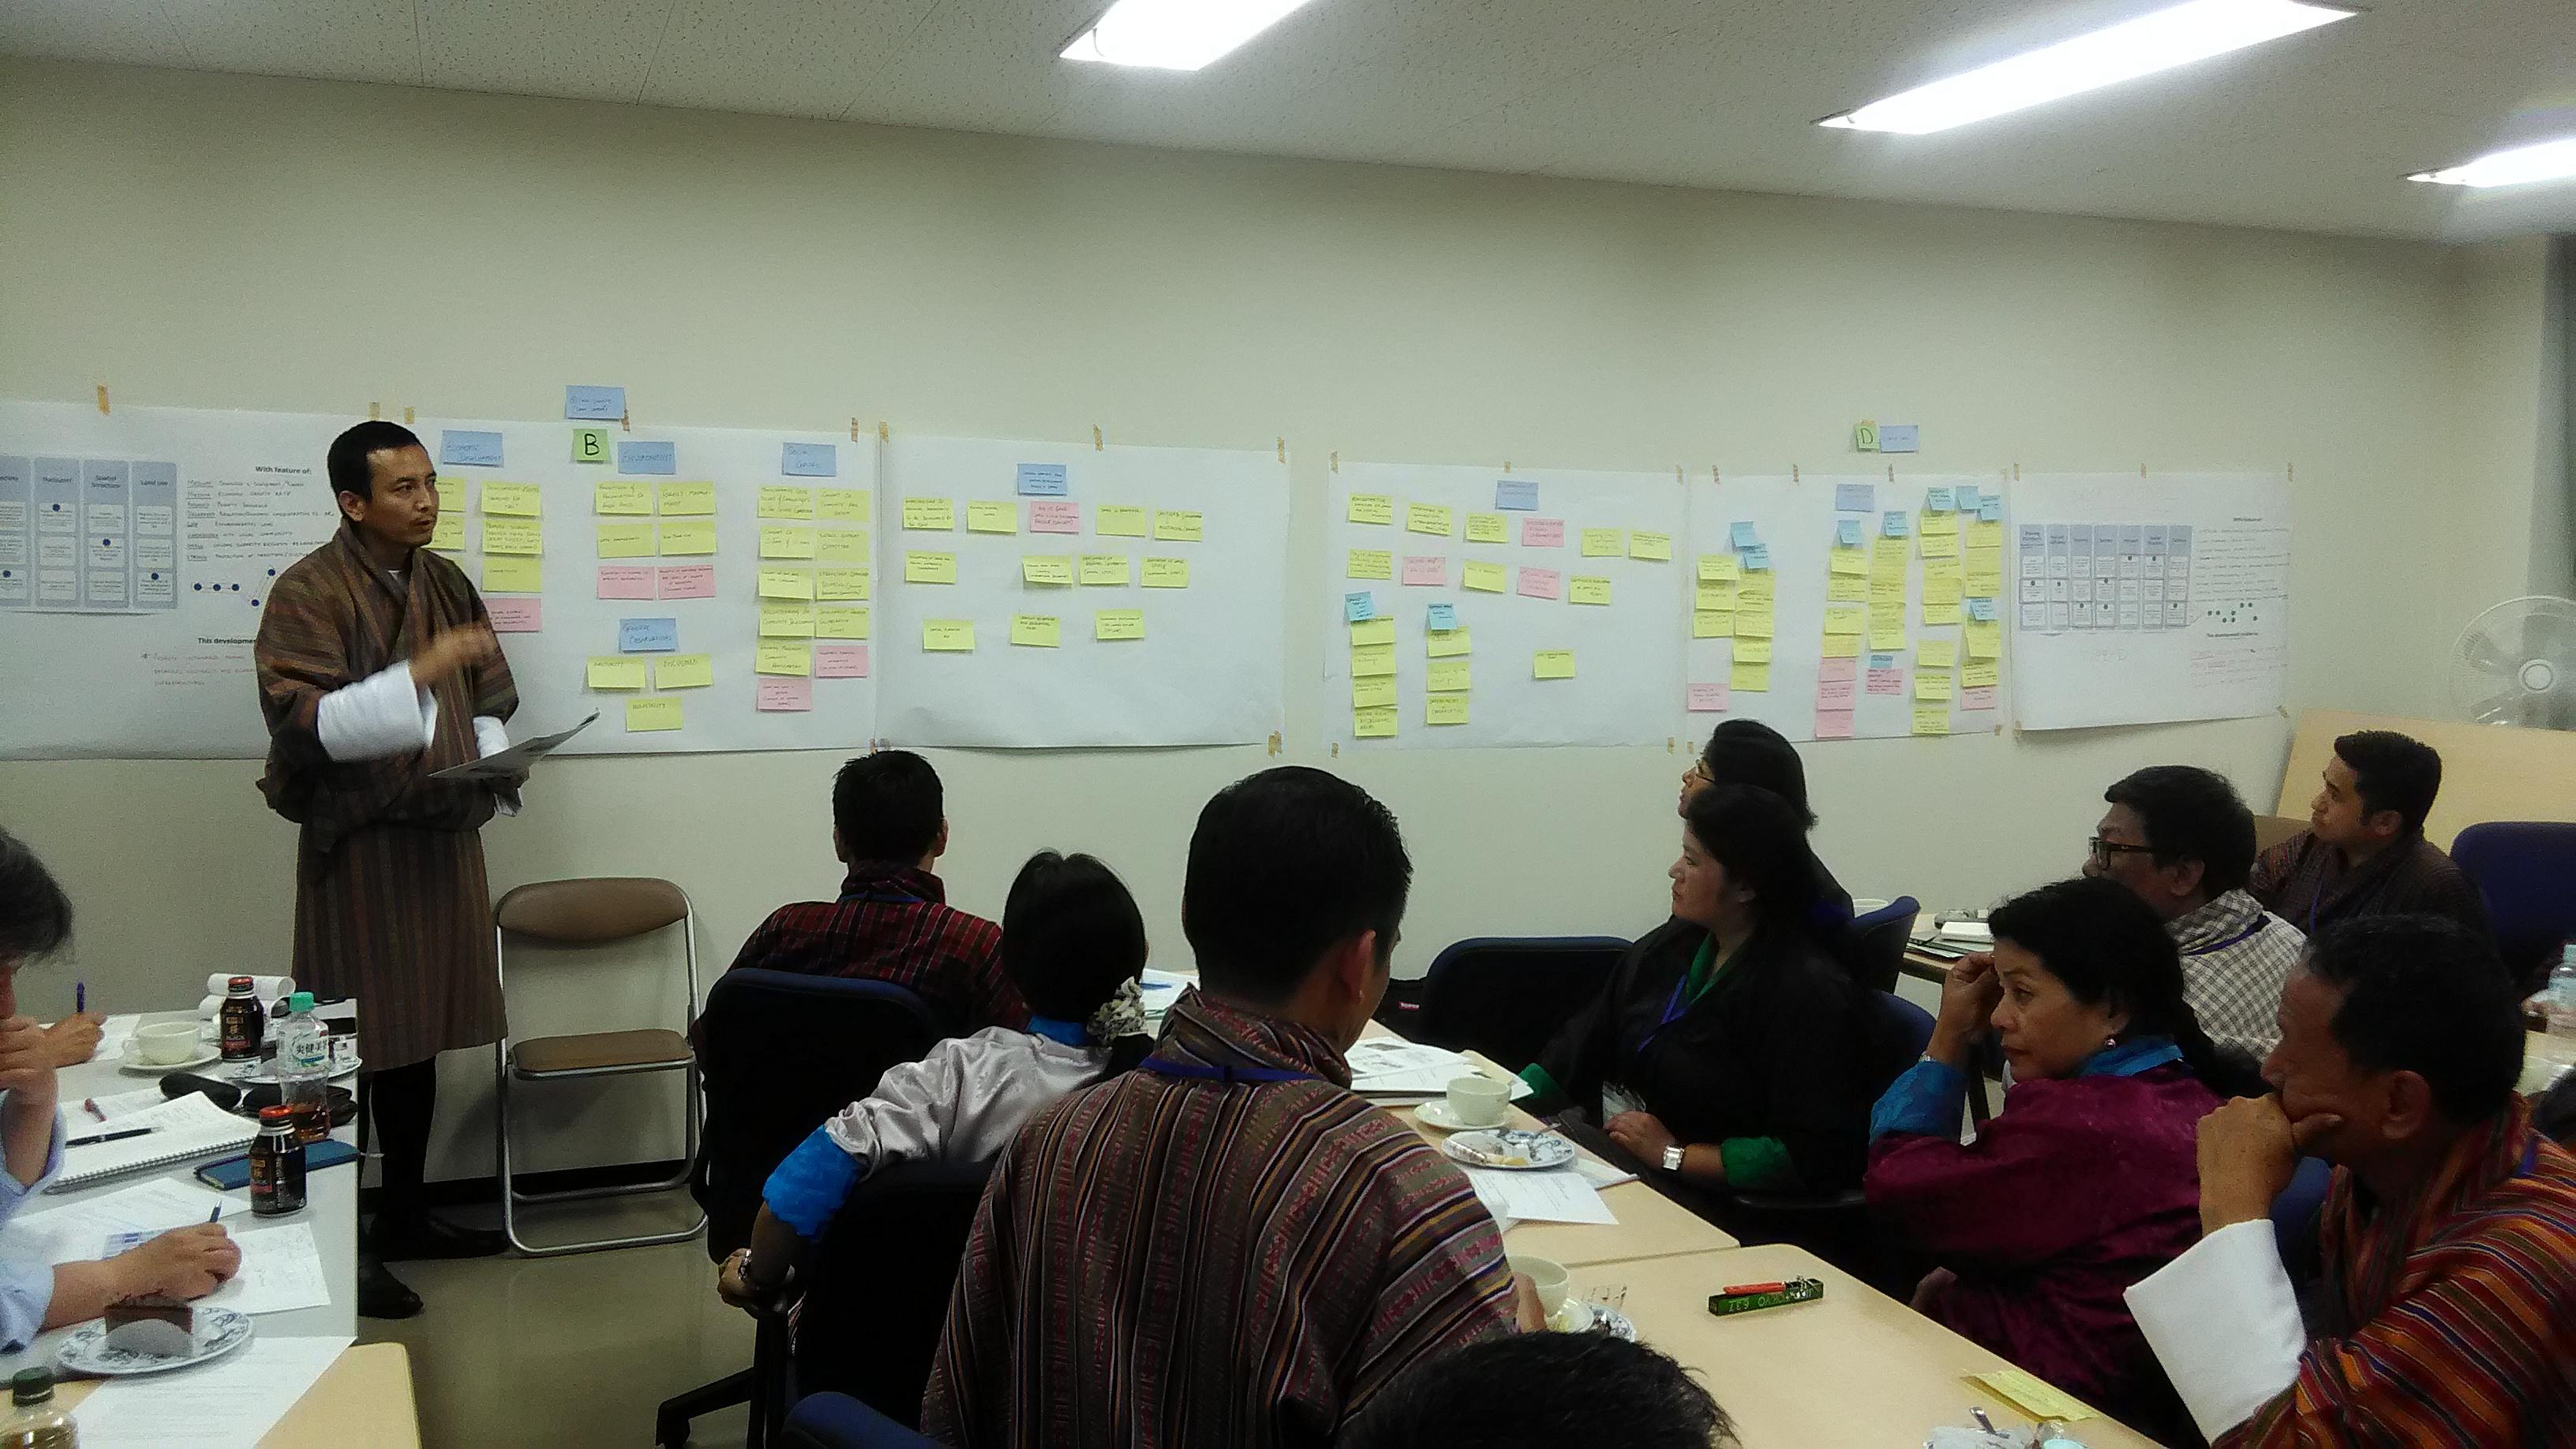 カウンターパートによるブータンの望ましい開発モデルの協議